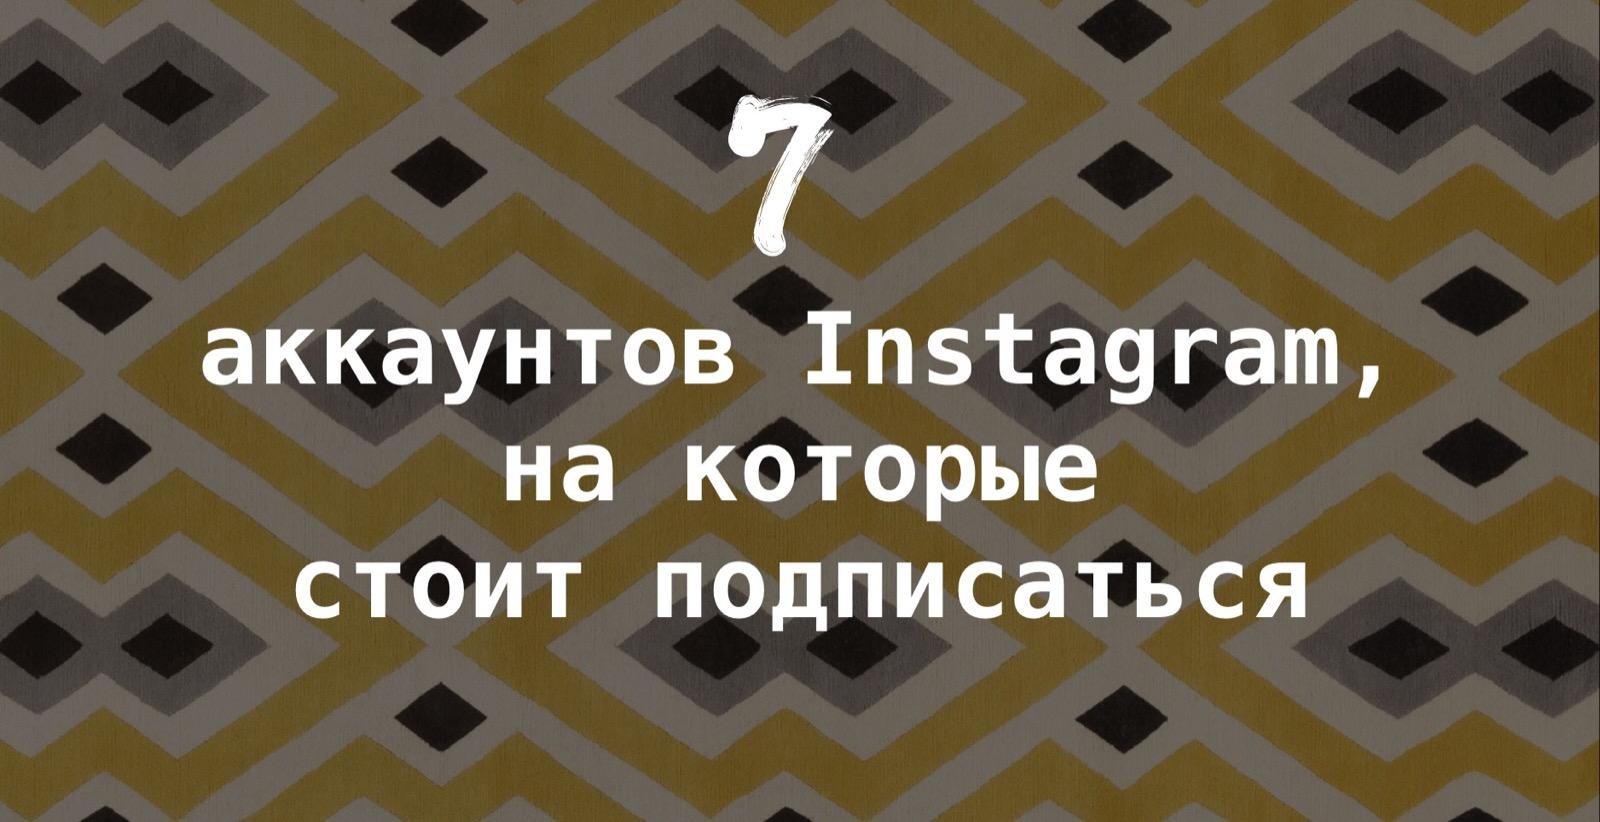 7 аккаунтов Instagram, на которые стоитподписаться